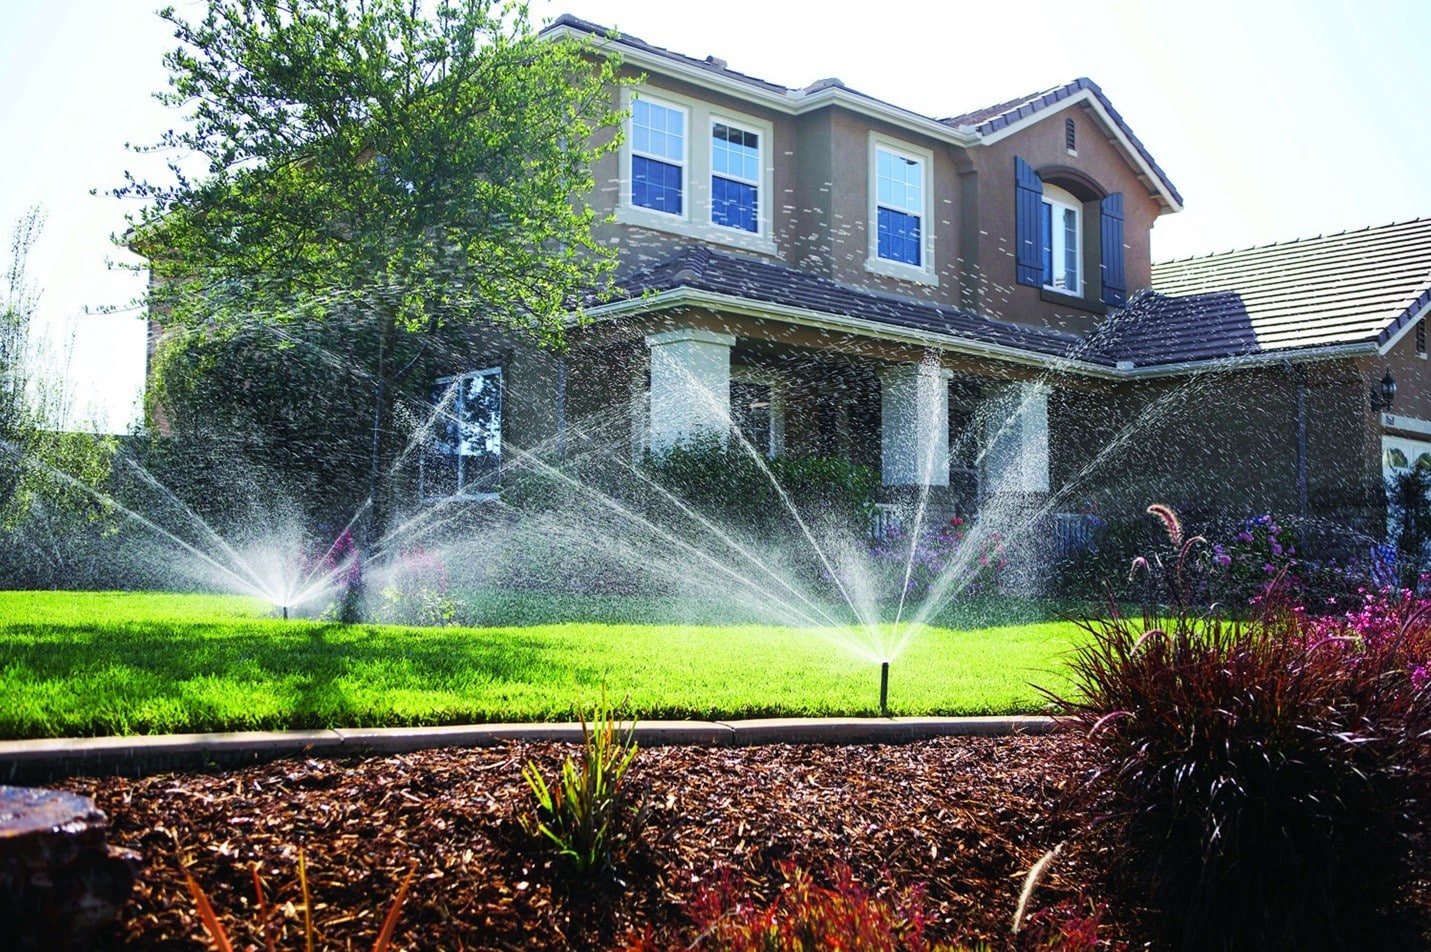 Подведем итоги | Можно ли поливать водой из бассейна огород, газон, цветы